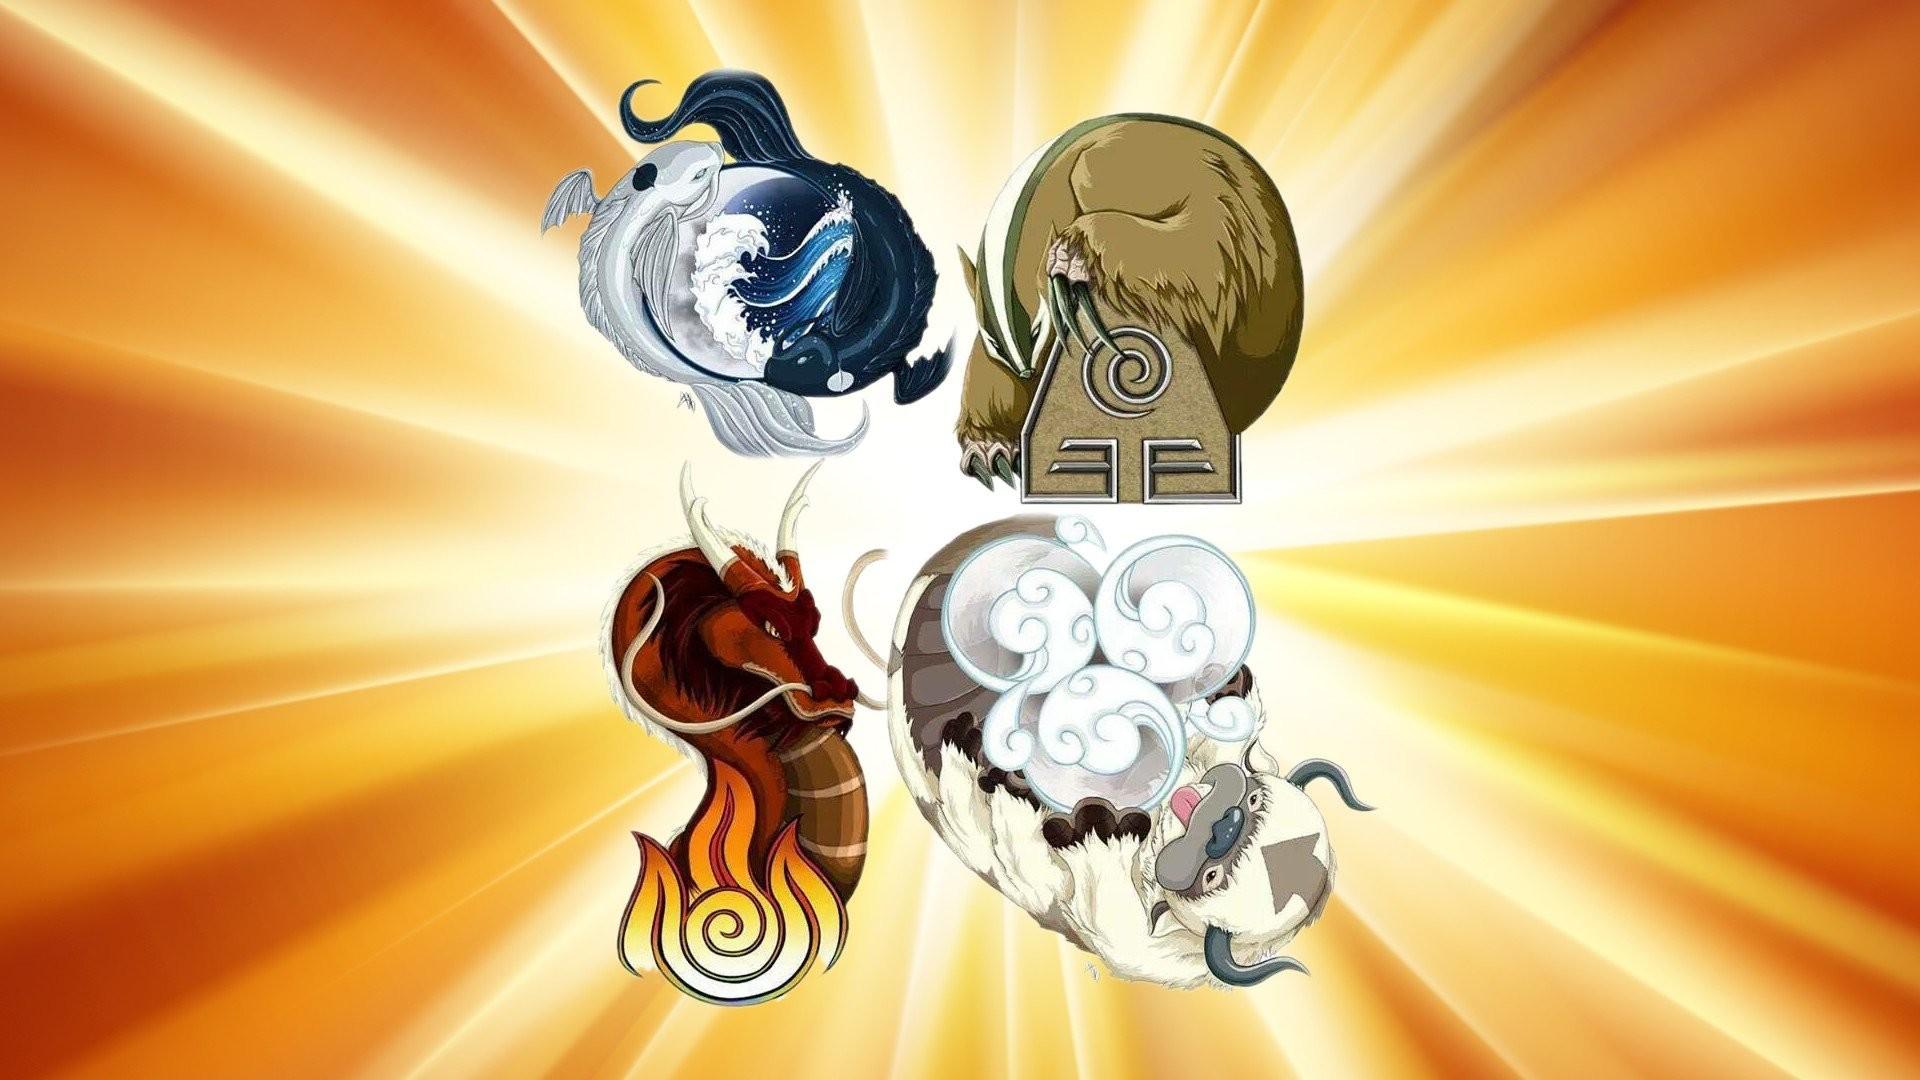 Avatar The Last Airbender Zuko Wallpaper Download